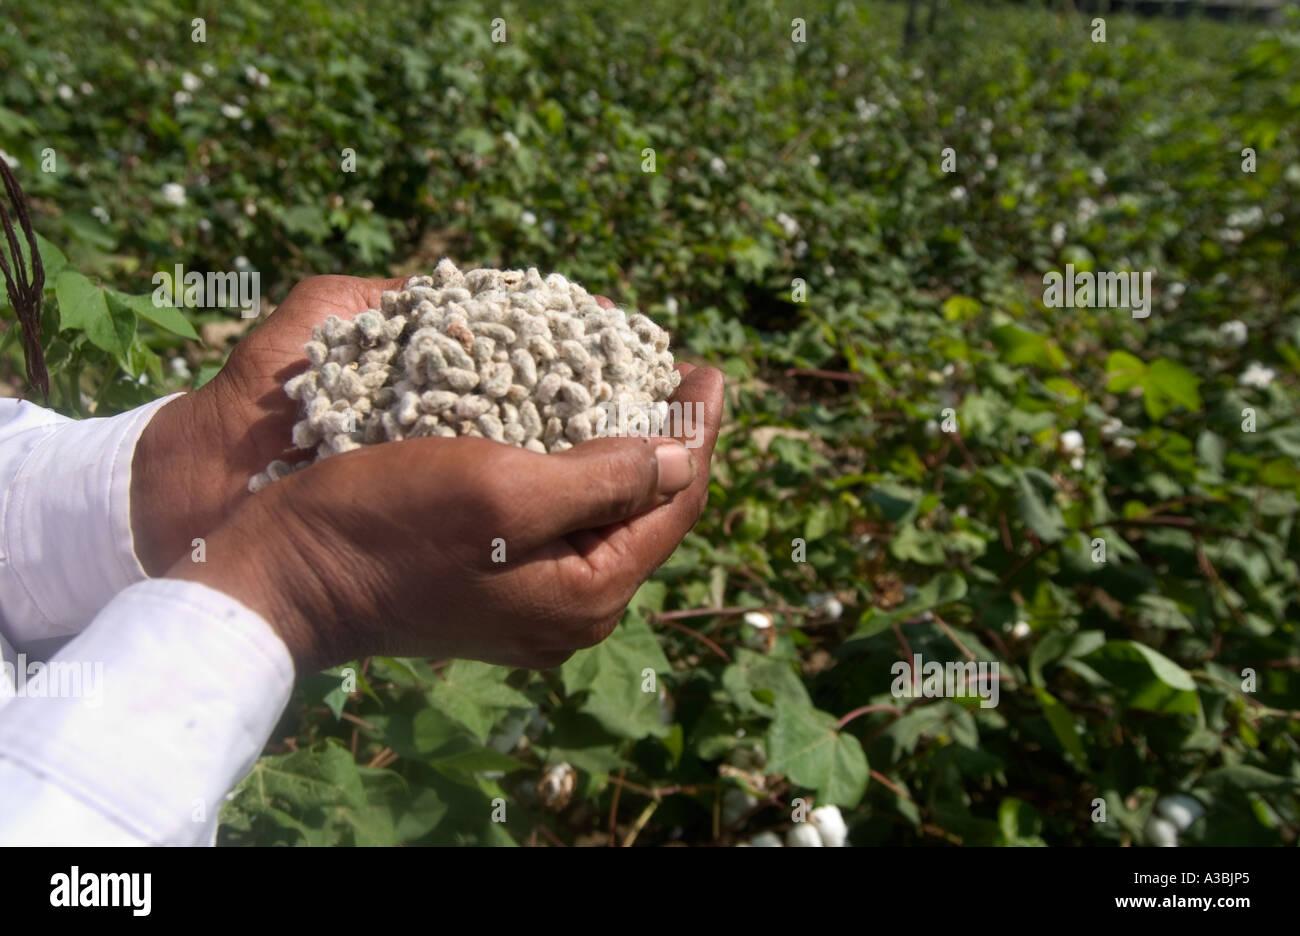 L'uomo tiene i semi di cotone, in Gujarat, India. L'agricoltore vende cotone Fairtrade a Marks & Spencer Immagini Stock